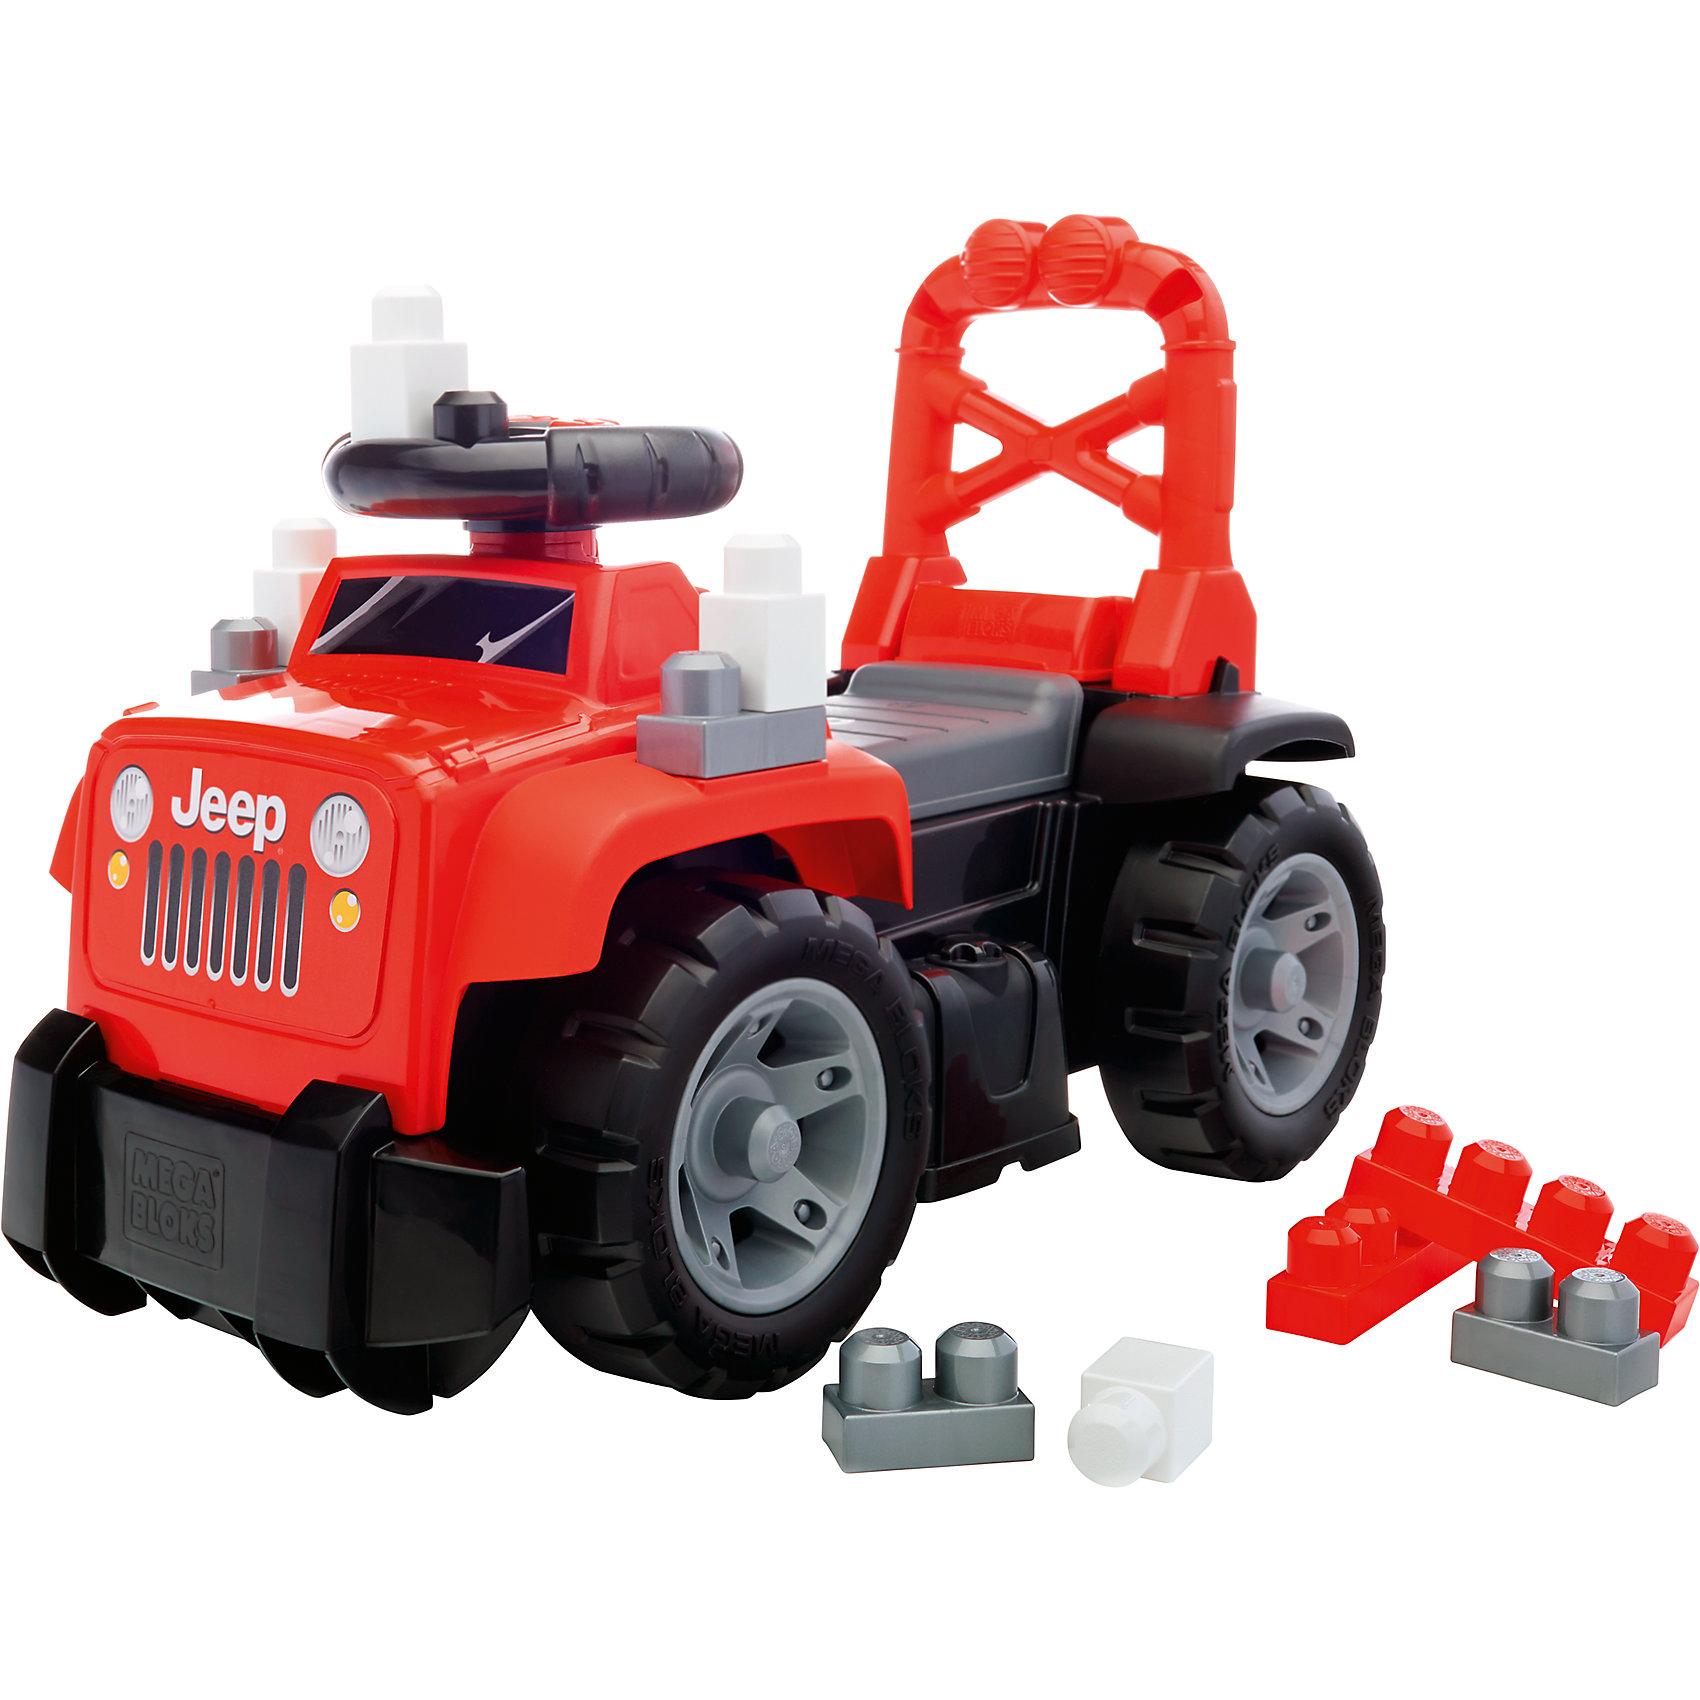 Большой красный джип 3-в-1, MEGA BLOKSБольшой красный джип обязательно понравится малышам! Машина имеет удобную спинку, за которую малыш сможет держаться, используя игрушку как ходунки. Объемный отсек под сиденьем вмещает 10 тематических блоков First Builders, с которыми очень интересно играть. На руле расположены кнопки, имитирующие звуки настоящей машины, что сделает игру еще увлекательнее. <br><br>Дополнительная информация:<br><br>- Комплектация: машина, 10 блоков. <br>- Материал: пластик.<br>- Высокая ручка-спинка.<br>- Отсек для блоков под сиденьем. <br>- Звуковые эффекты. <br>- Элемент питания: 2 АА батарейки (не входят в комплект).<br><br>Большой красный джип 3-в-1, MEGA BLOKS (Мега Блок) можно купить в нашем магазине.<br><br>Ширина мм: 595<br>Глубина мм: 305<br>Высота мм: 345<br>Вес г: 0<br>Возраст от месяцев: 36<br>Возраст до месяцев: 84<br>Пол: Мужской<br>Возраст: Детский<br>SKU: 4500815